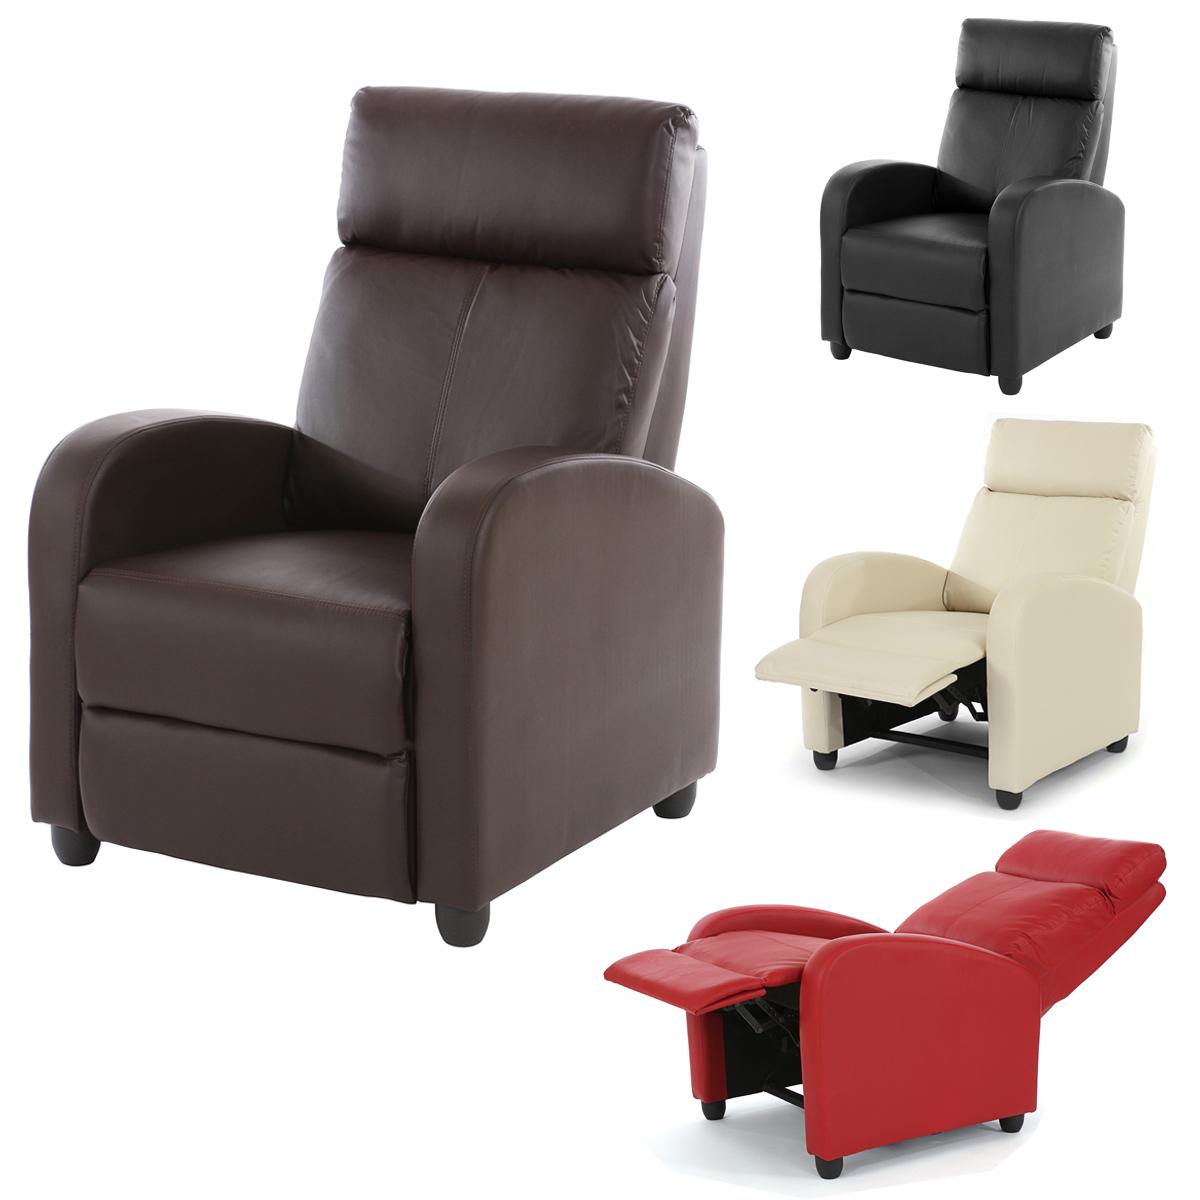 Full Size of Ikea Relaxsessel Sessel Elektrisch Grau Mit Hocker Garten Strandmon Leder Betten Bei Aldi Miniküche Küche Kaufen Sofa Schlaffunktion Kosten Modulküche Wohnzimmer Ikea Relaxsessel